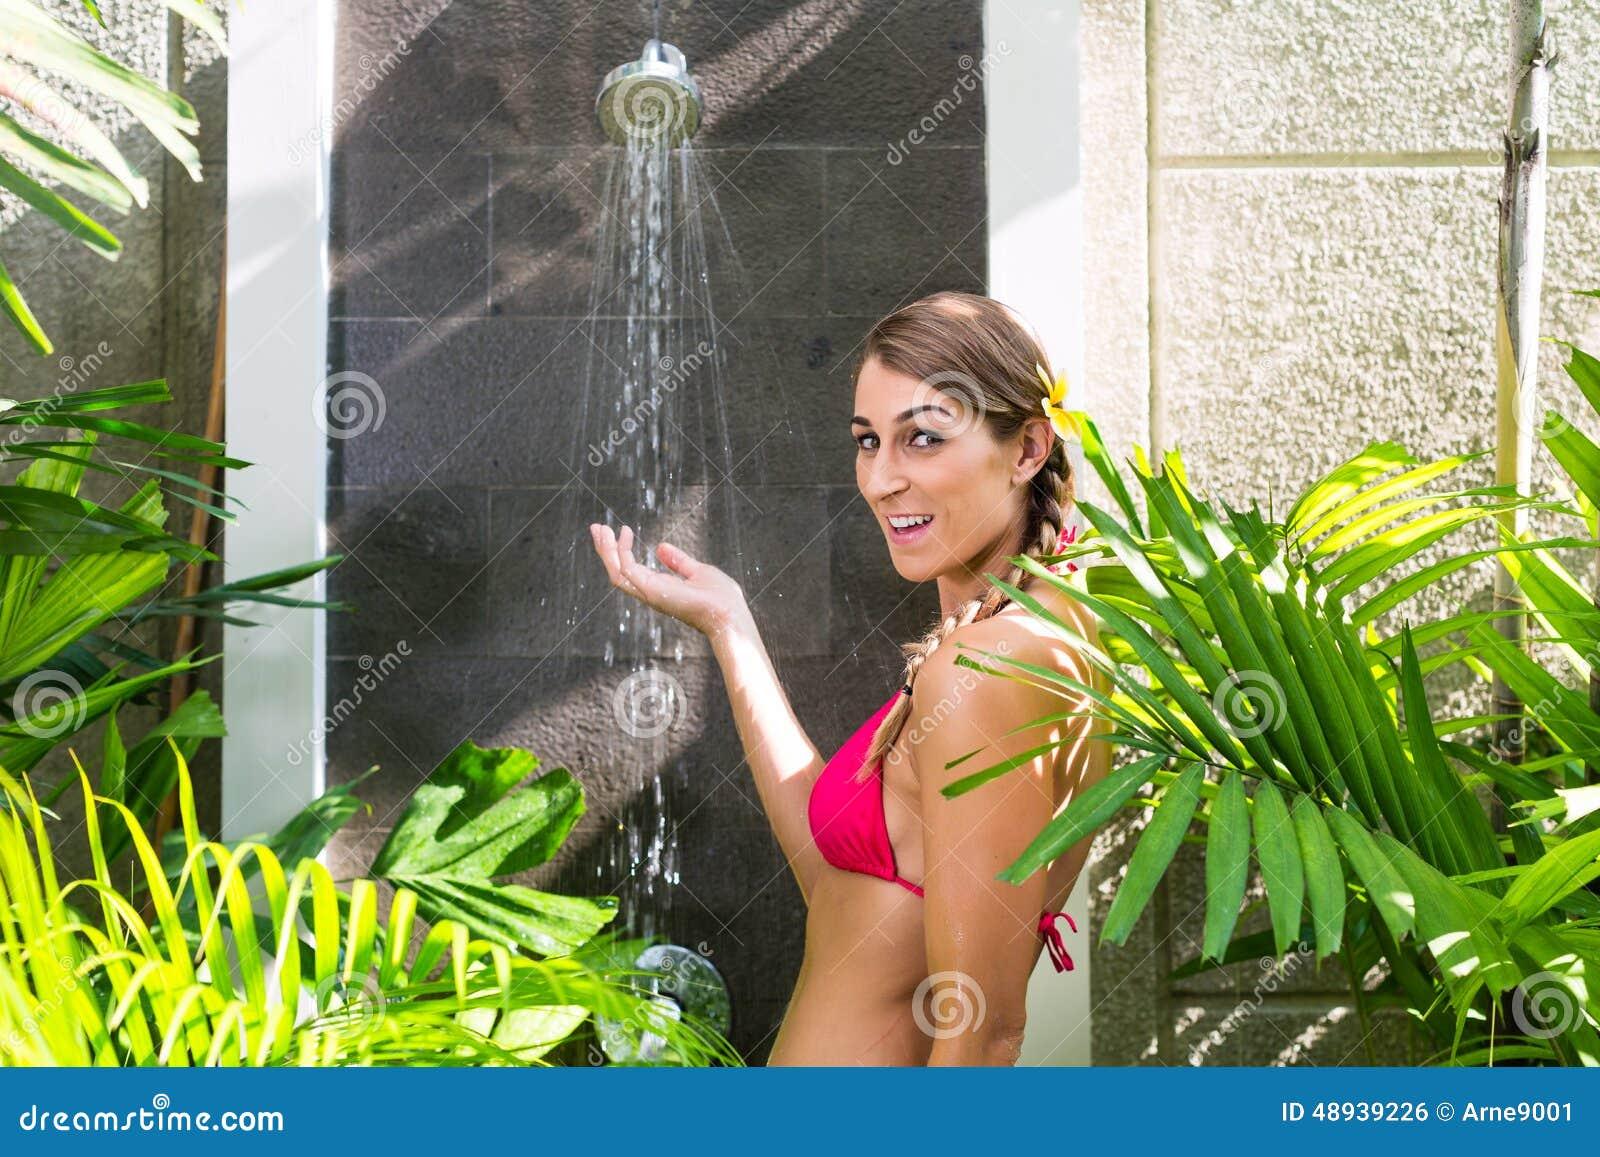 nackt duschen im garten